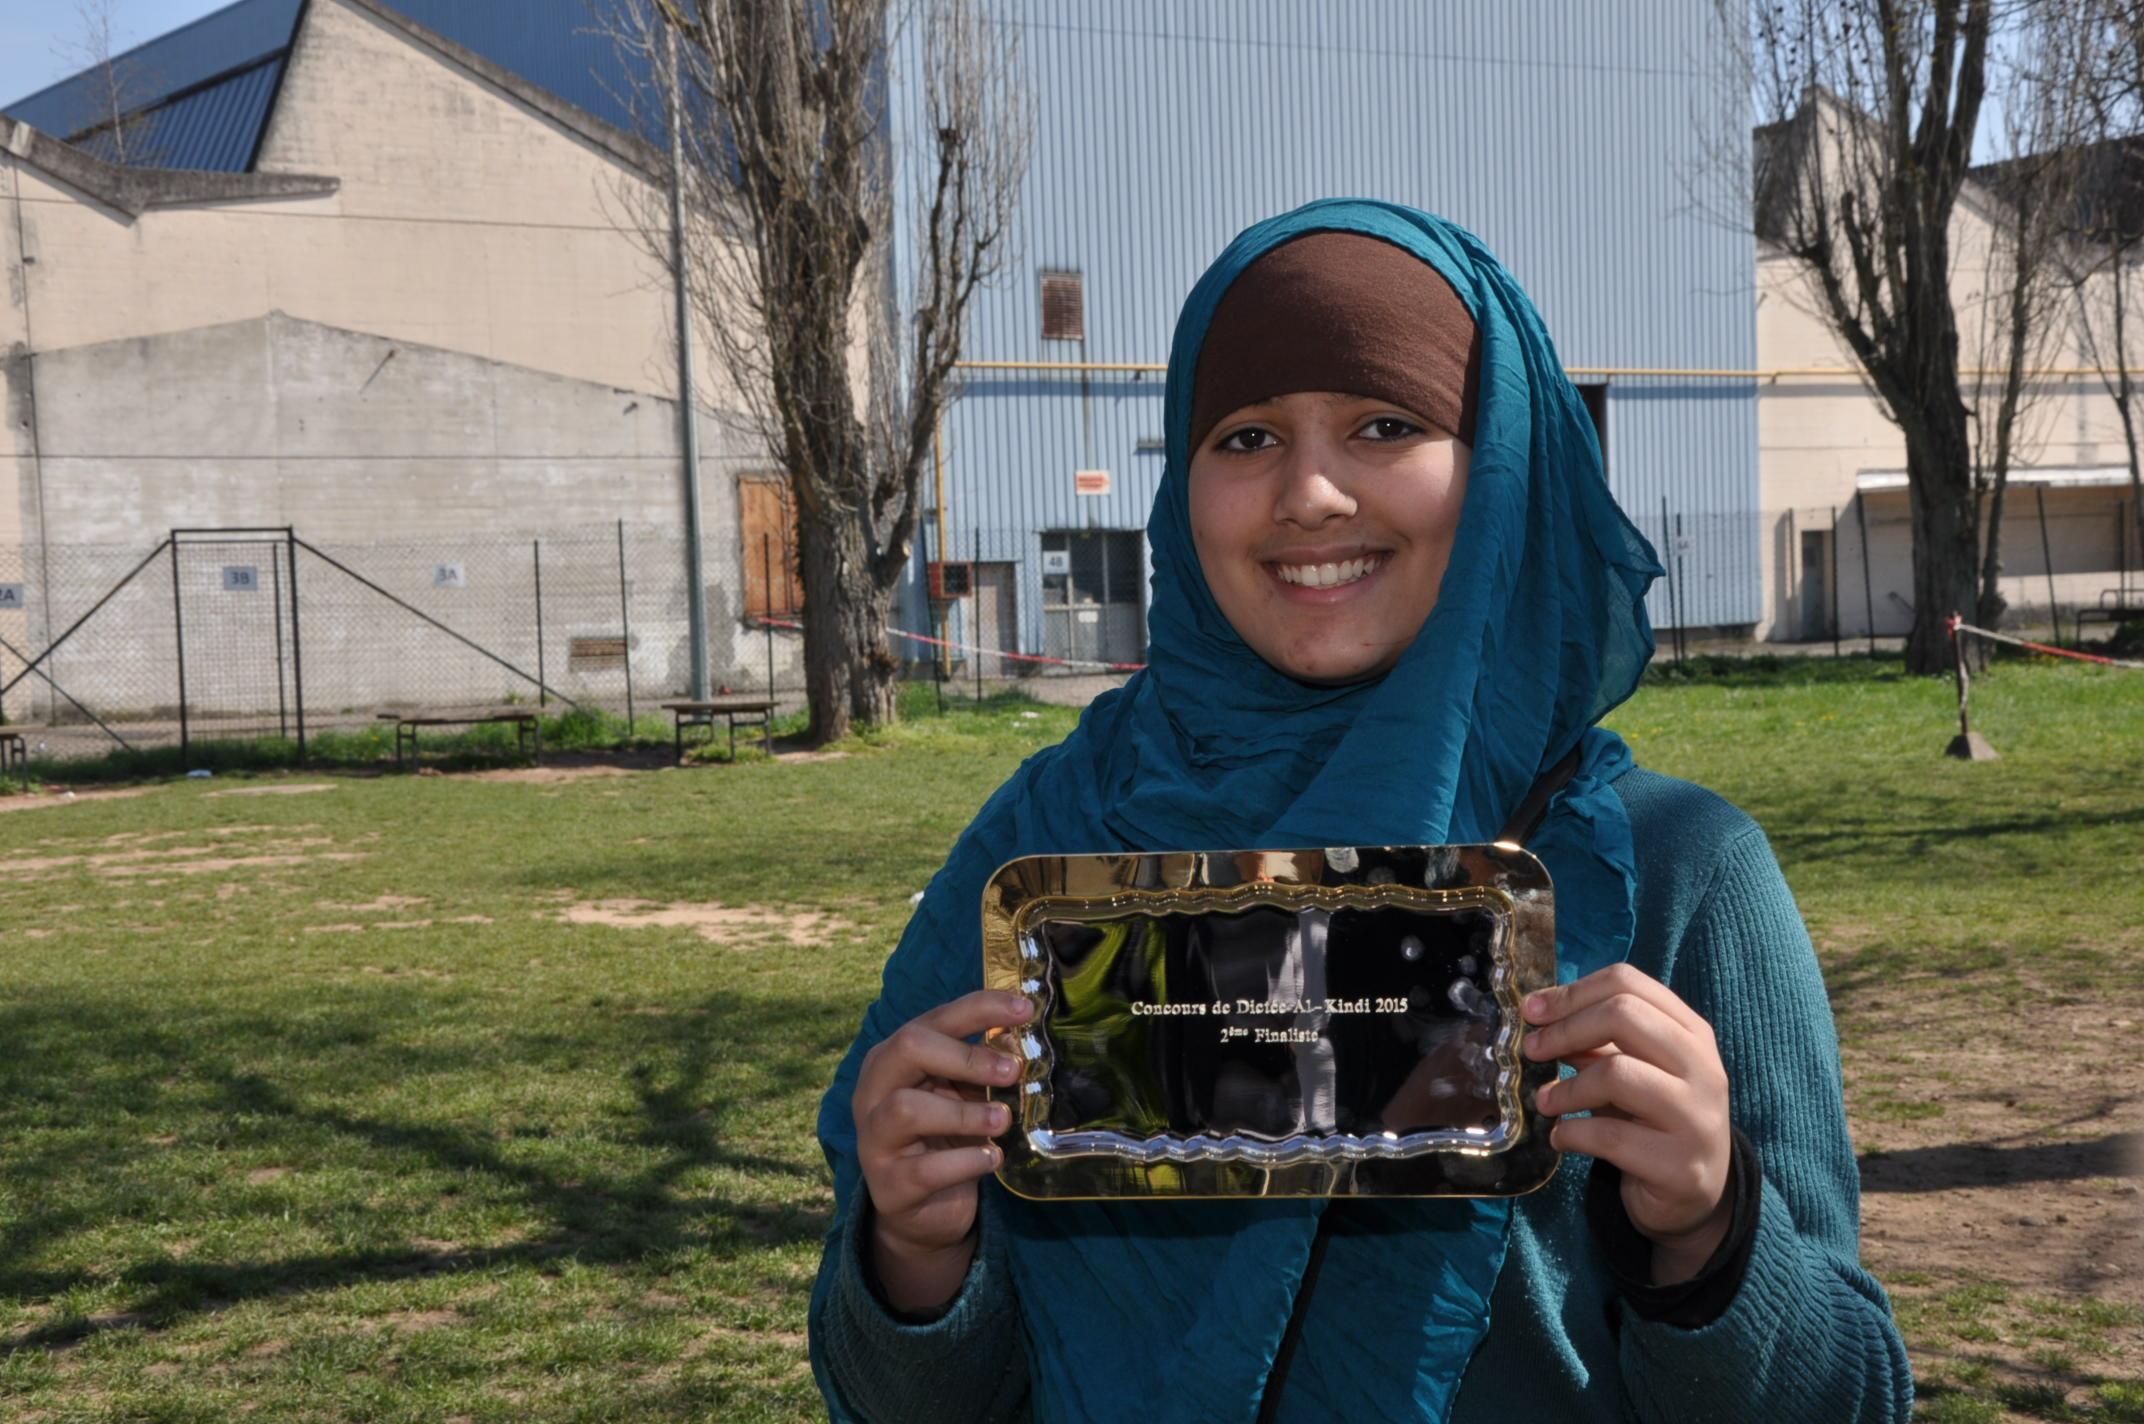 Fierté d'une élève arrivée 1ère finaliste du concours de dictée de français- Mars 2015